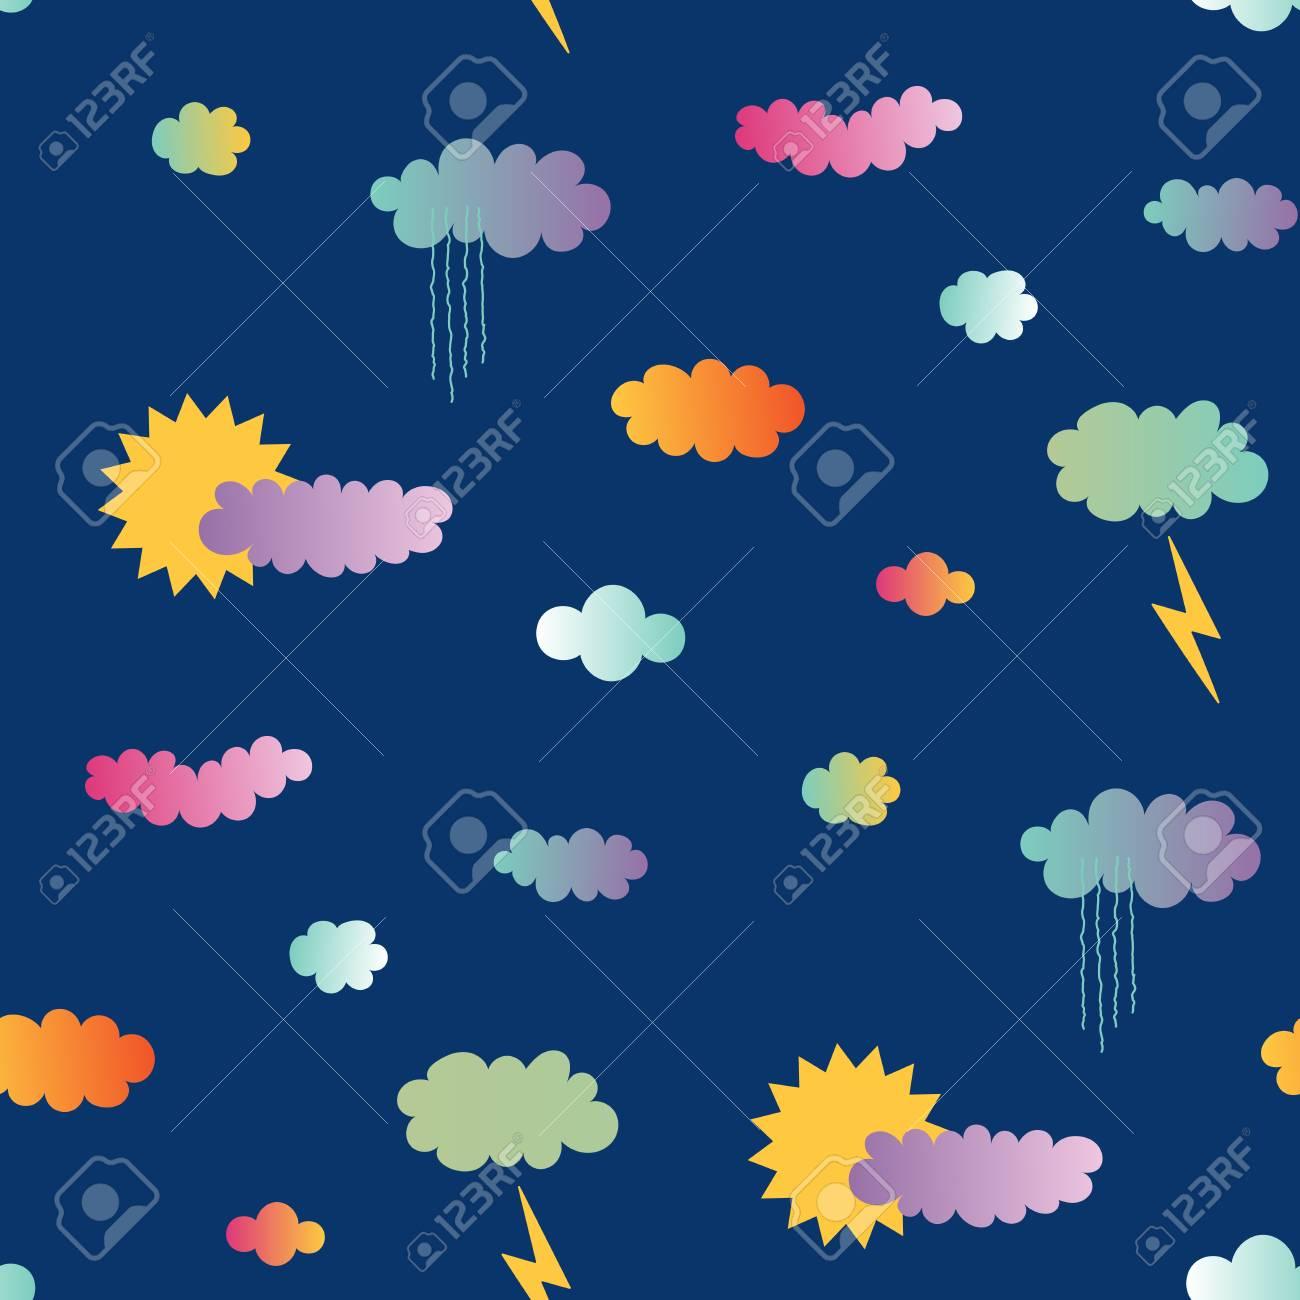 青い背景に 太陽と雨 雲 稲妻と手描きのシームレスなベクトル